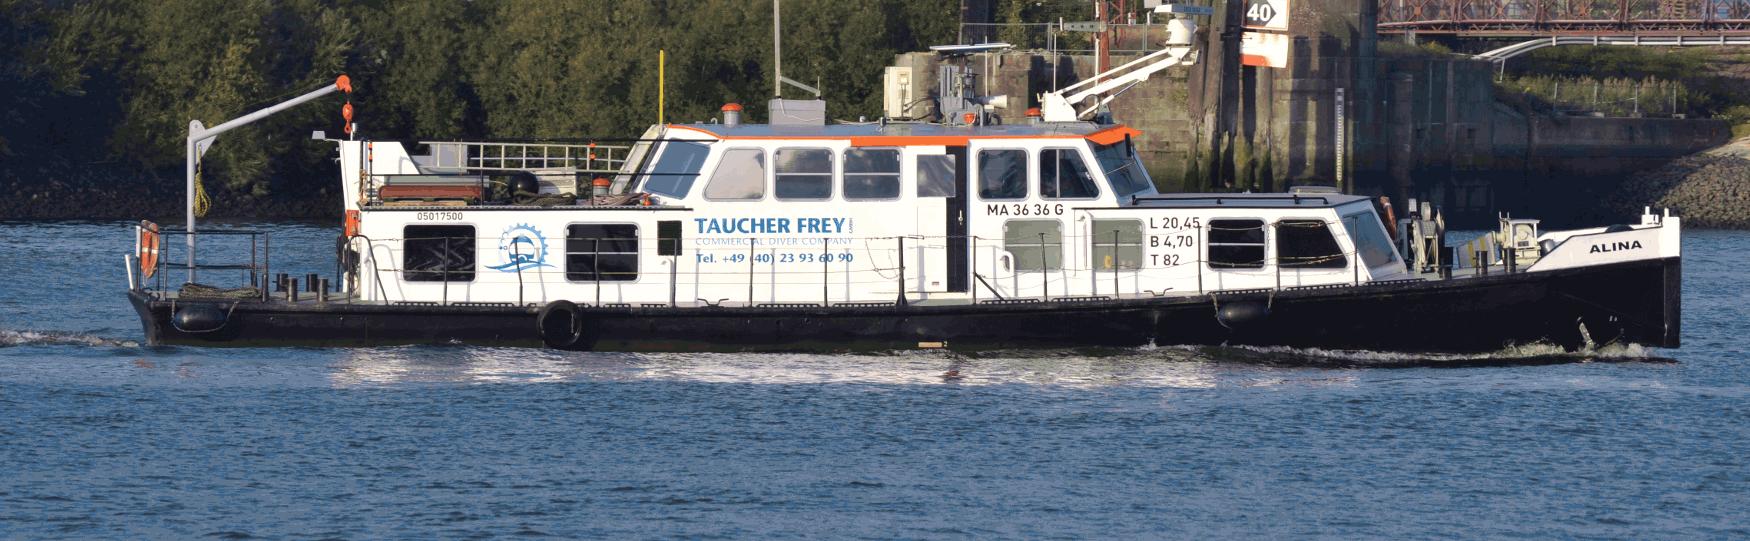 Alina - boat of Taucher Frey GmbH Hamburg